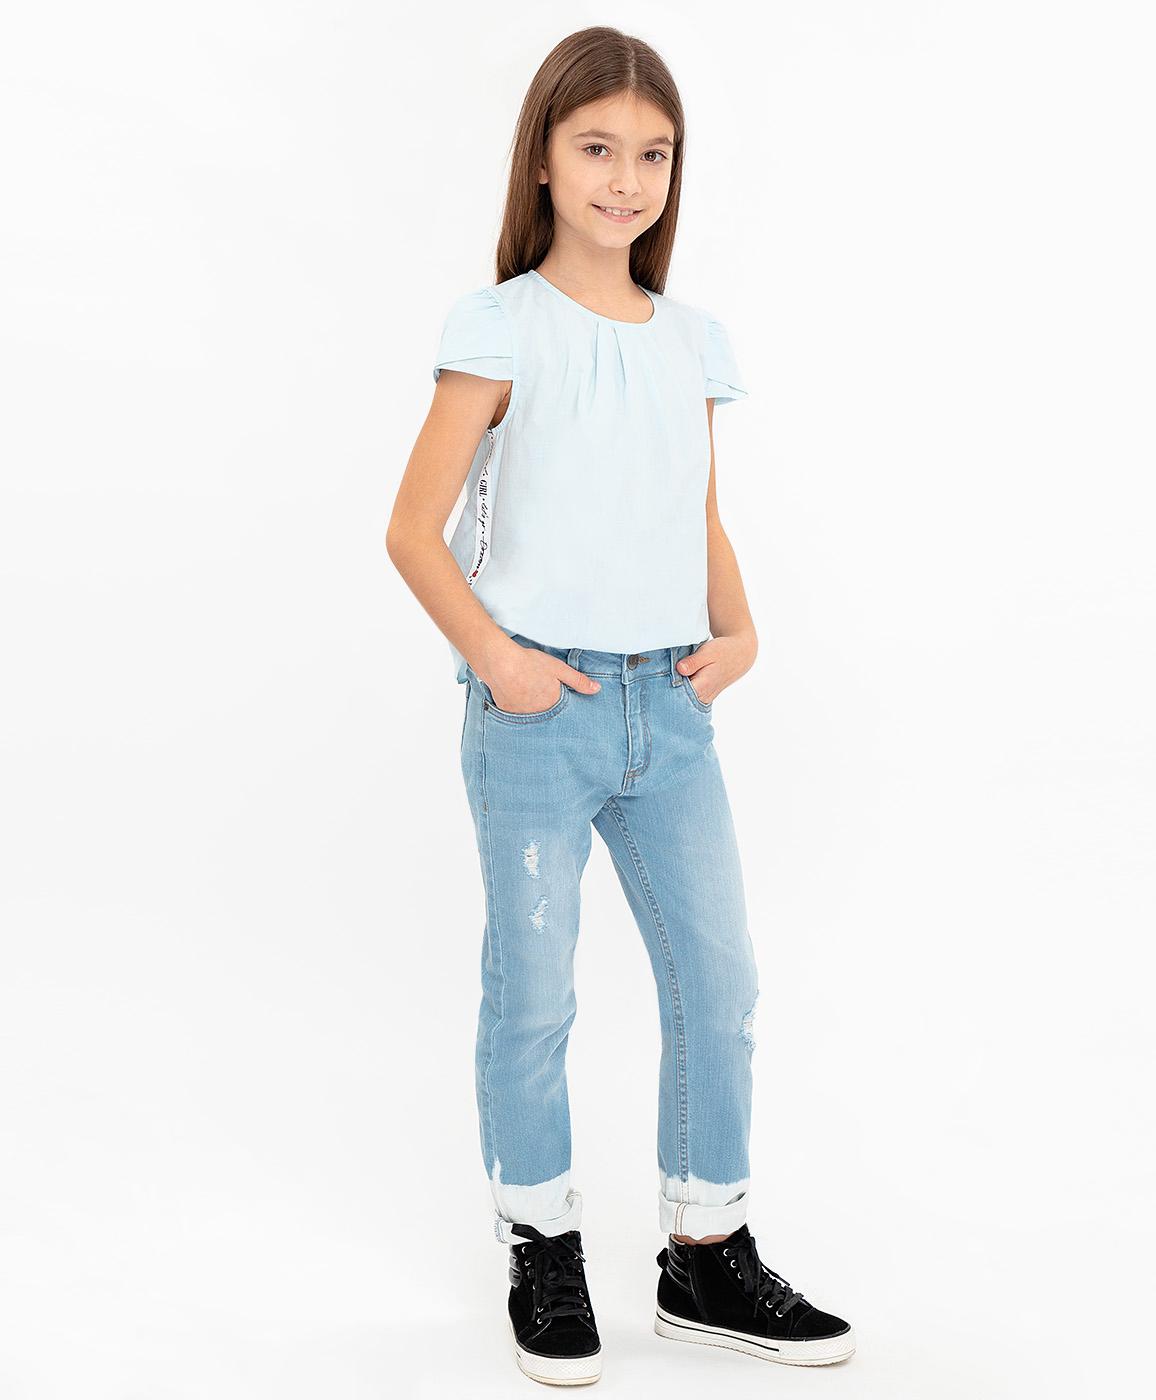 Джинсы для девочек Button Blue, цв. голубой, р-р 116 фото